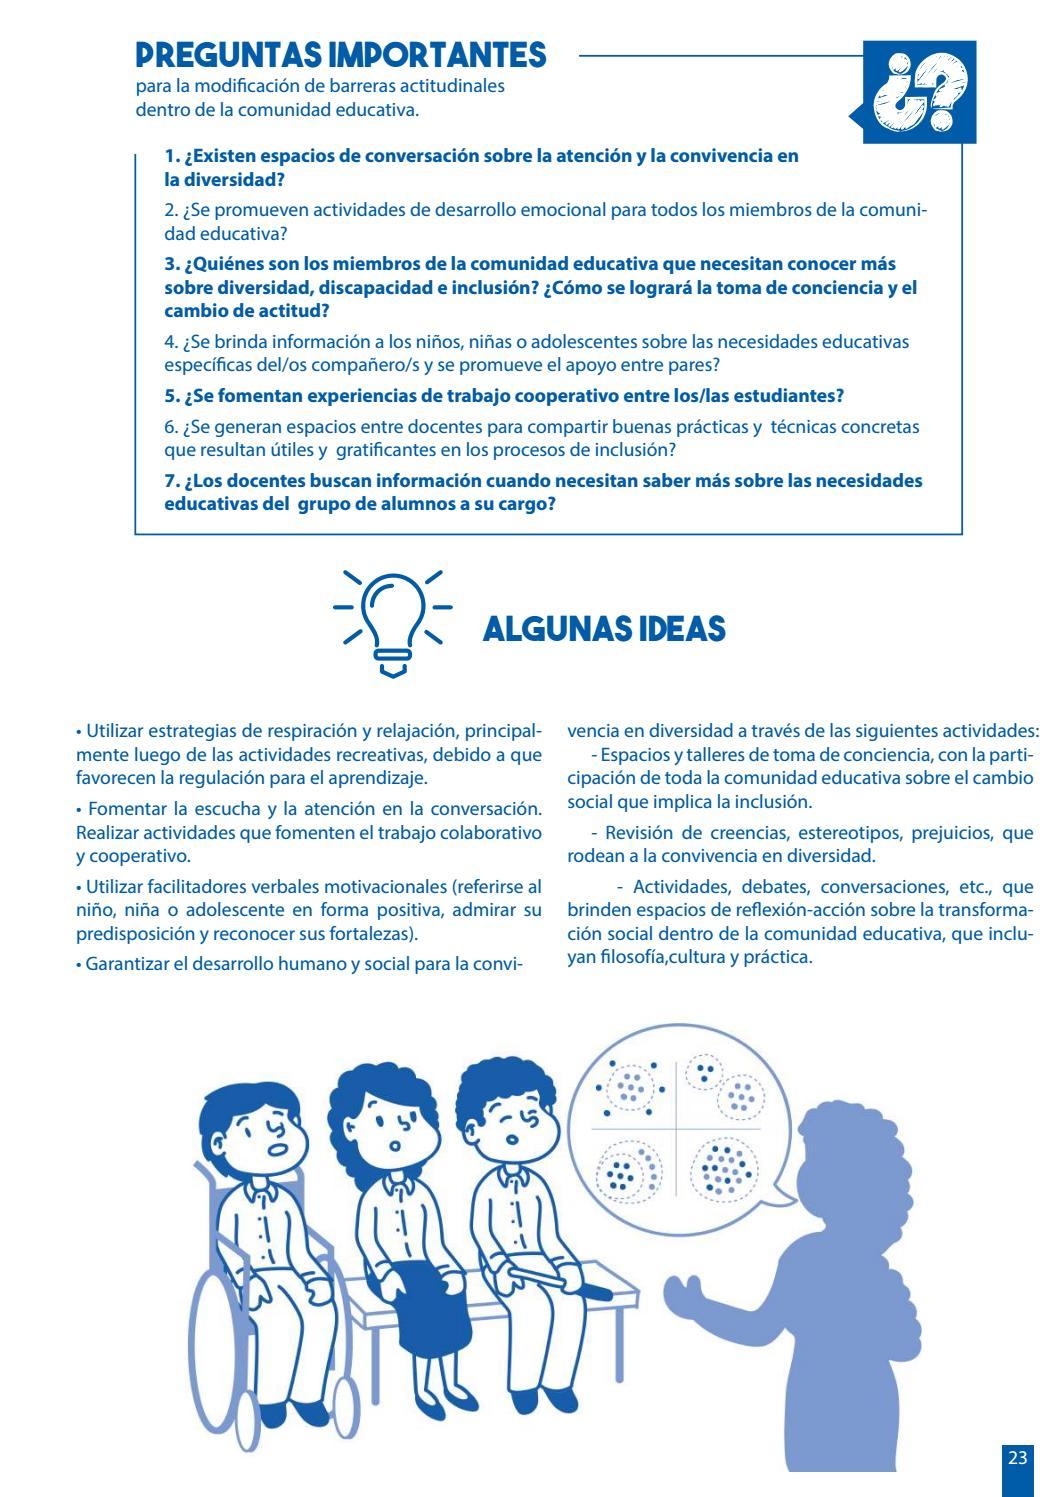 Material De Apoyo Para La Inclusión Mai By Teletón